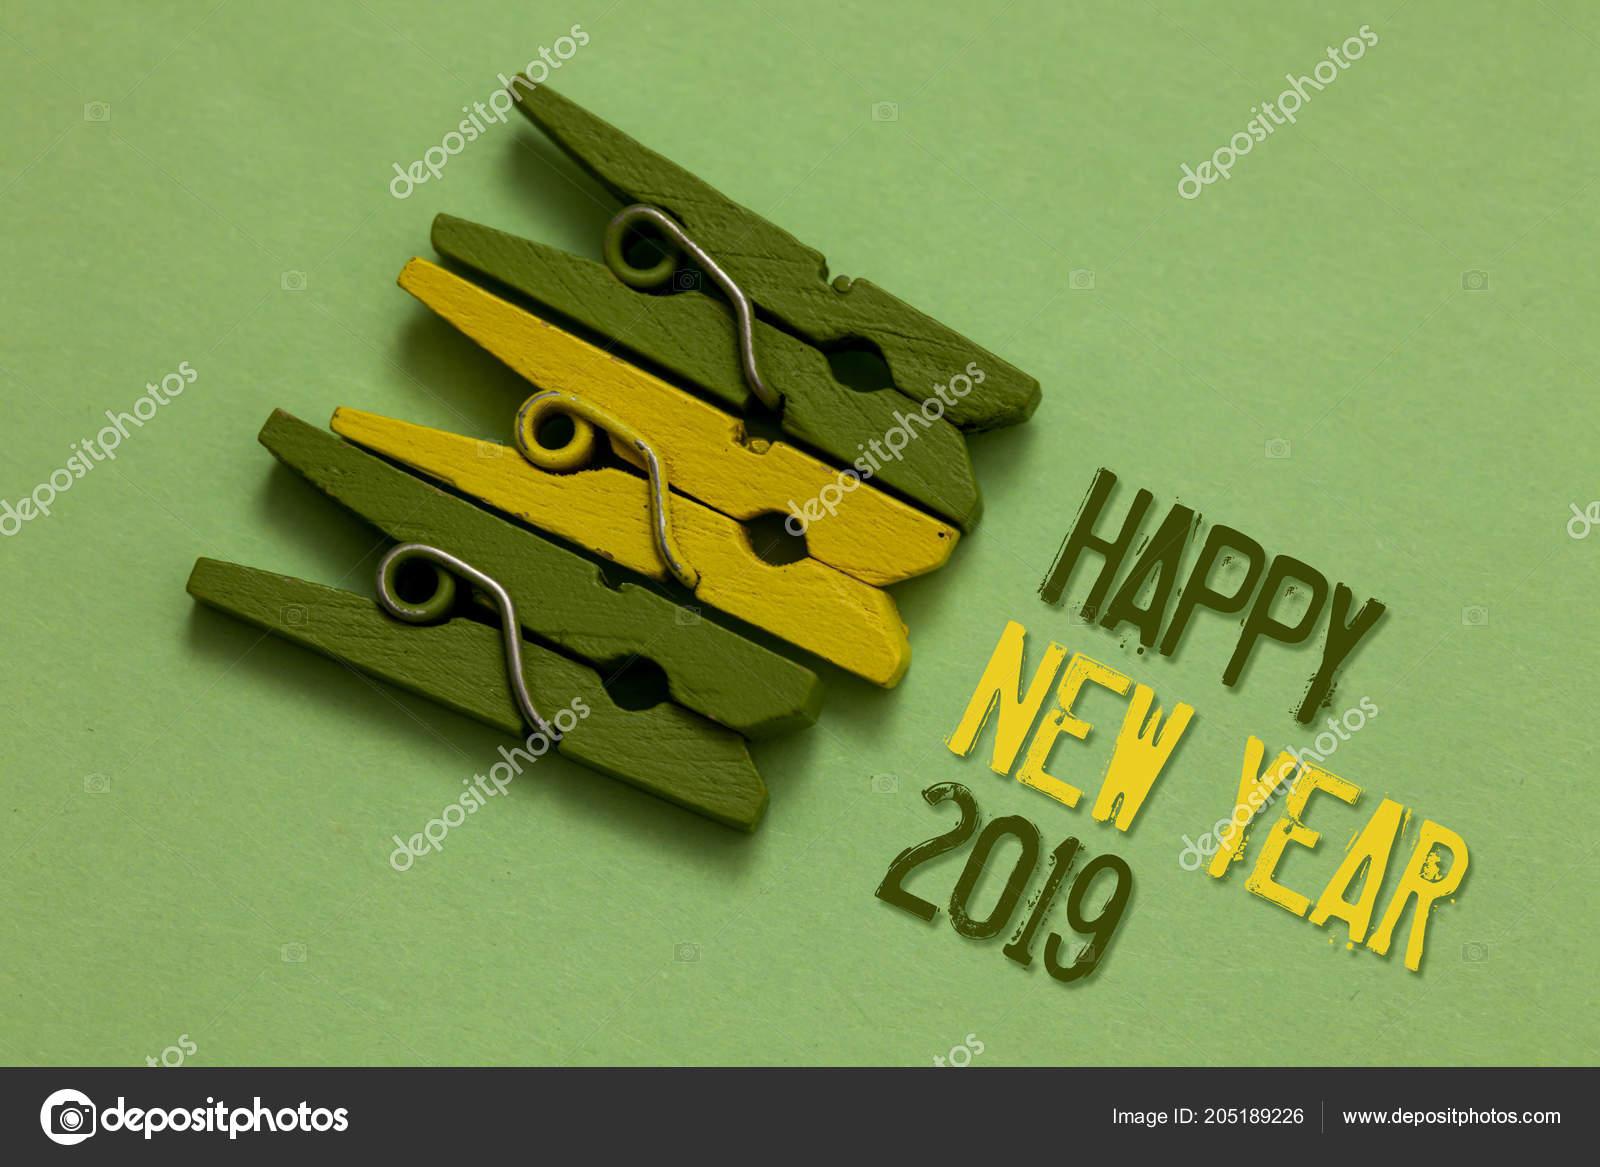 Verde ano nuevo en del color significado